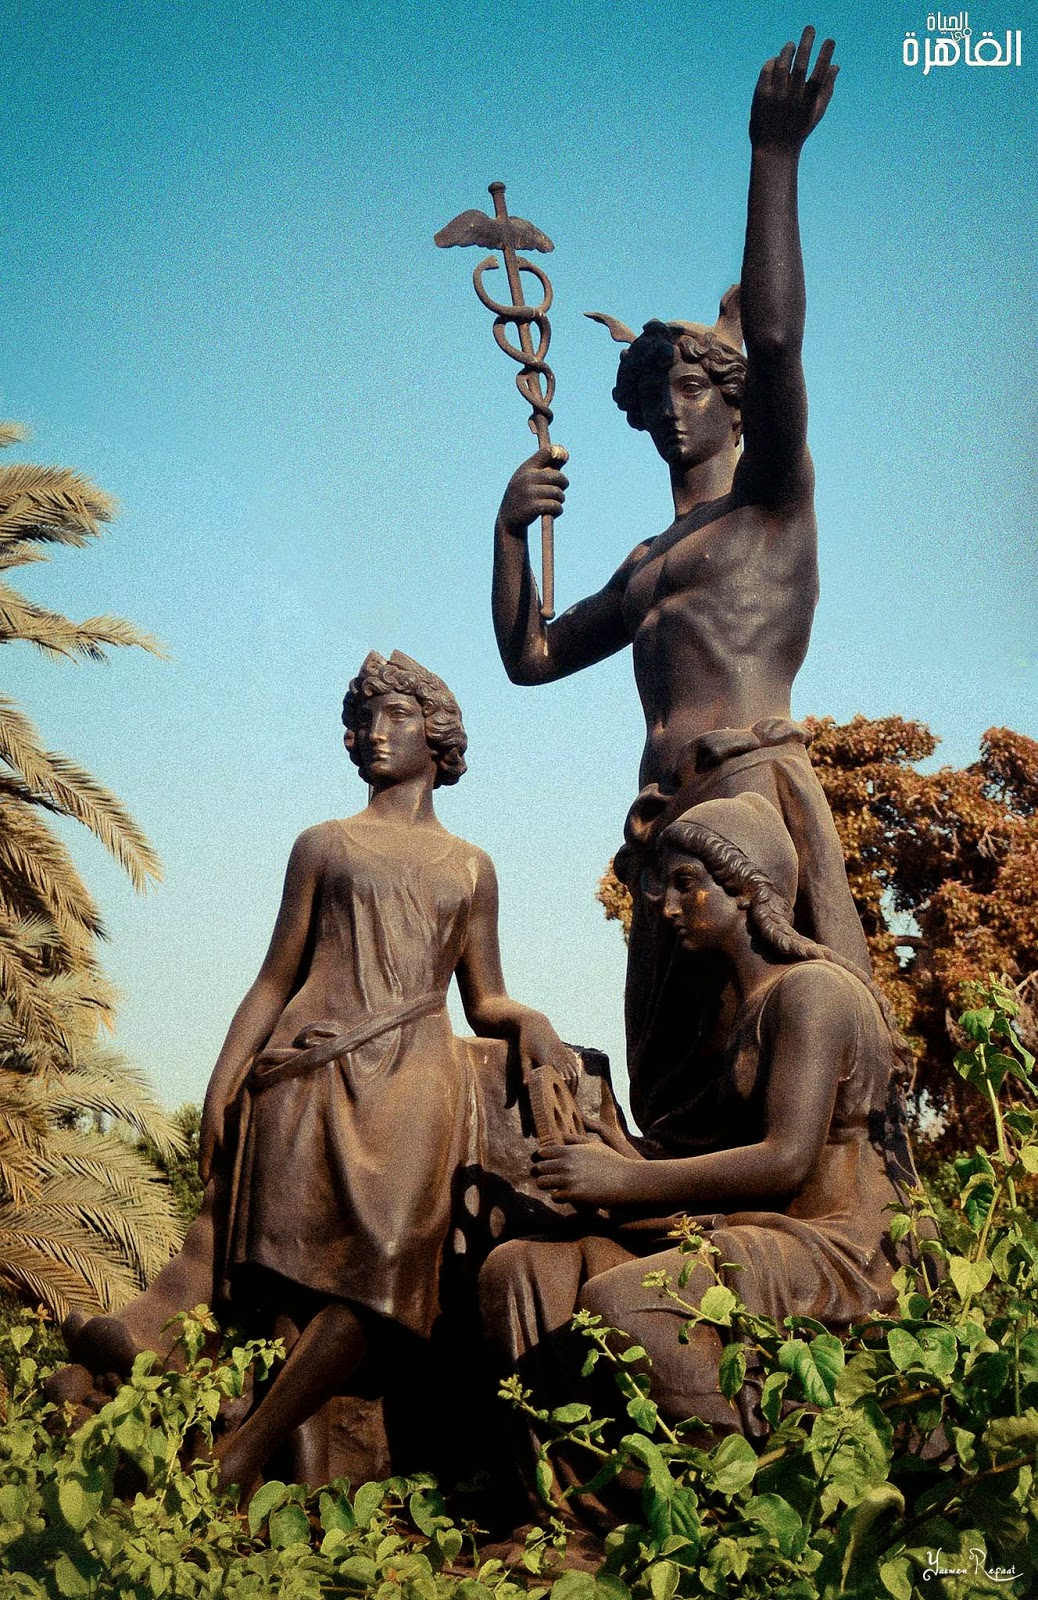 تمثال الرخاء بساحة دار الأوبرا المصرية - الحاية في القاهرة